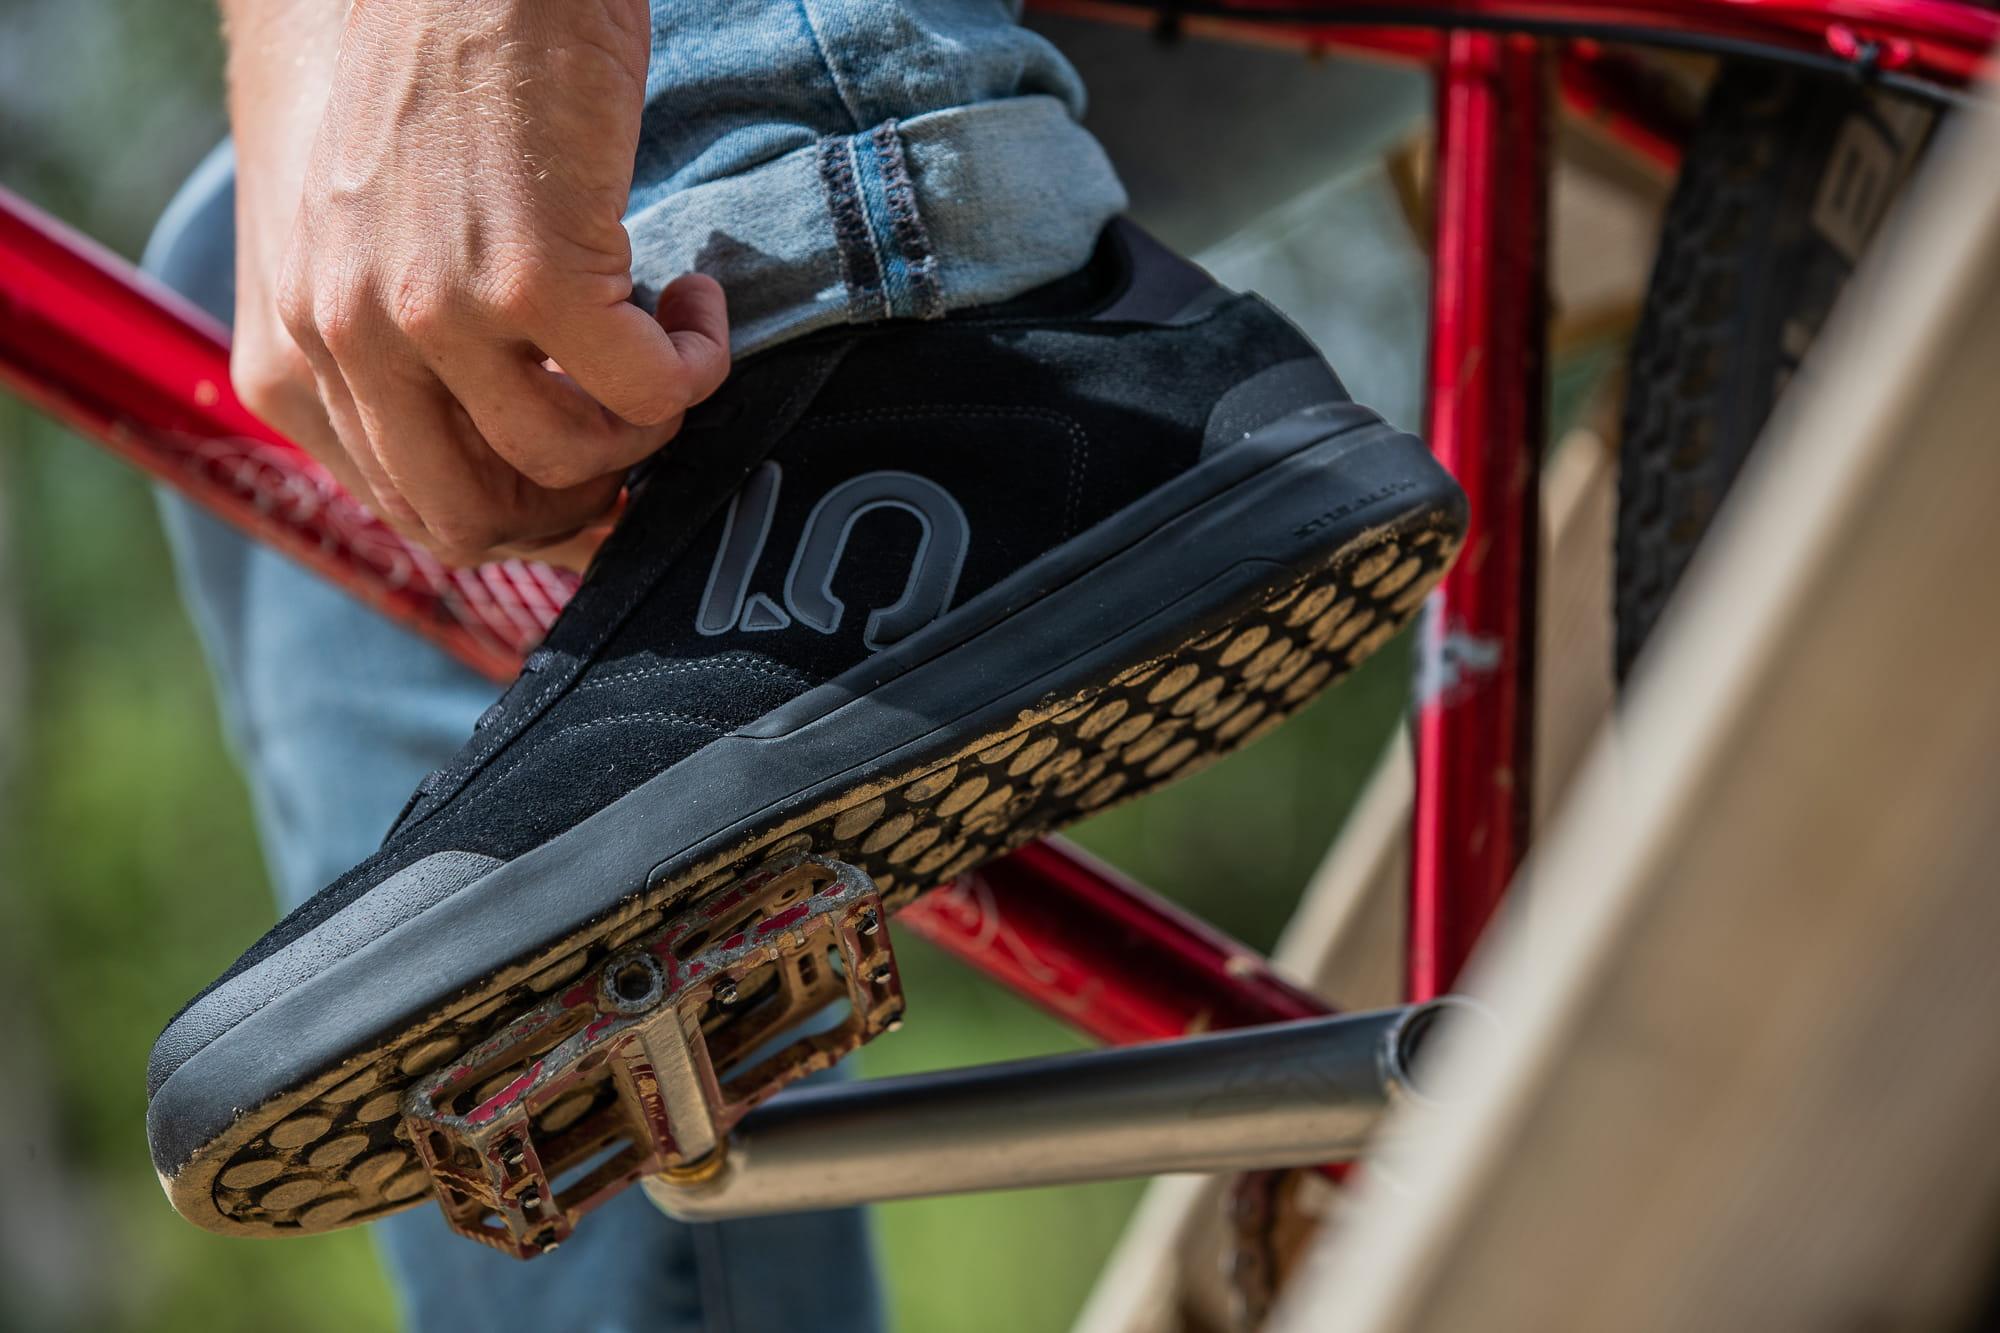 5-10-Sleuth-DLX-Schuh-Bike-Mailorder-6